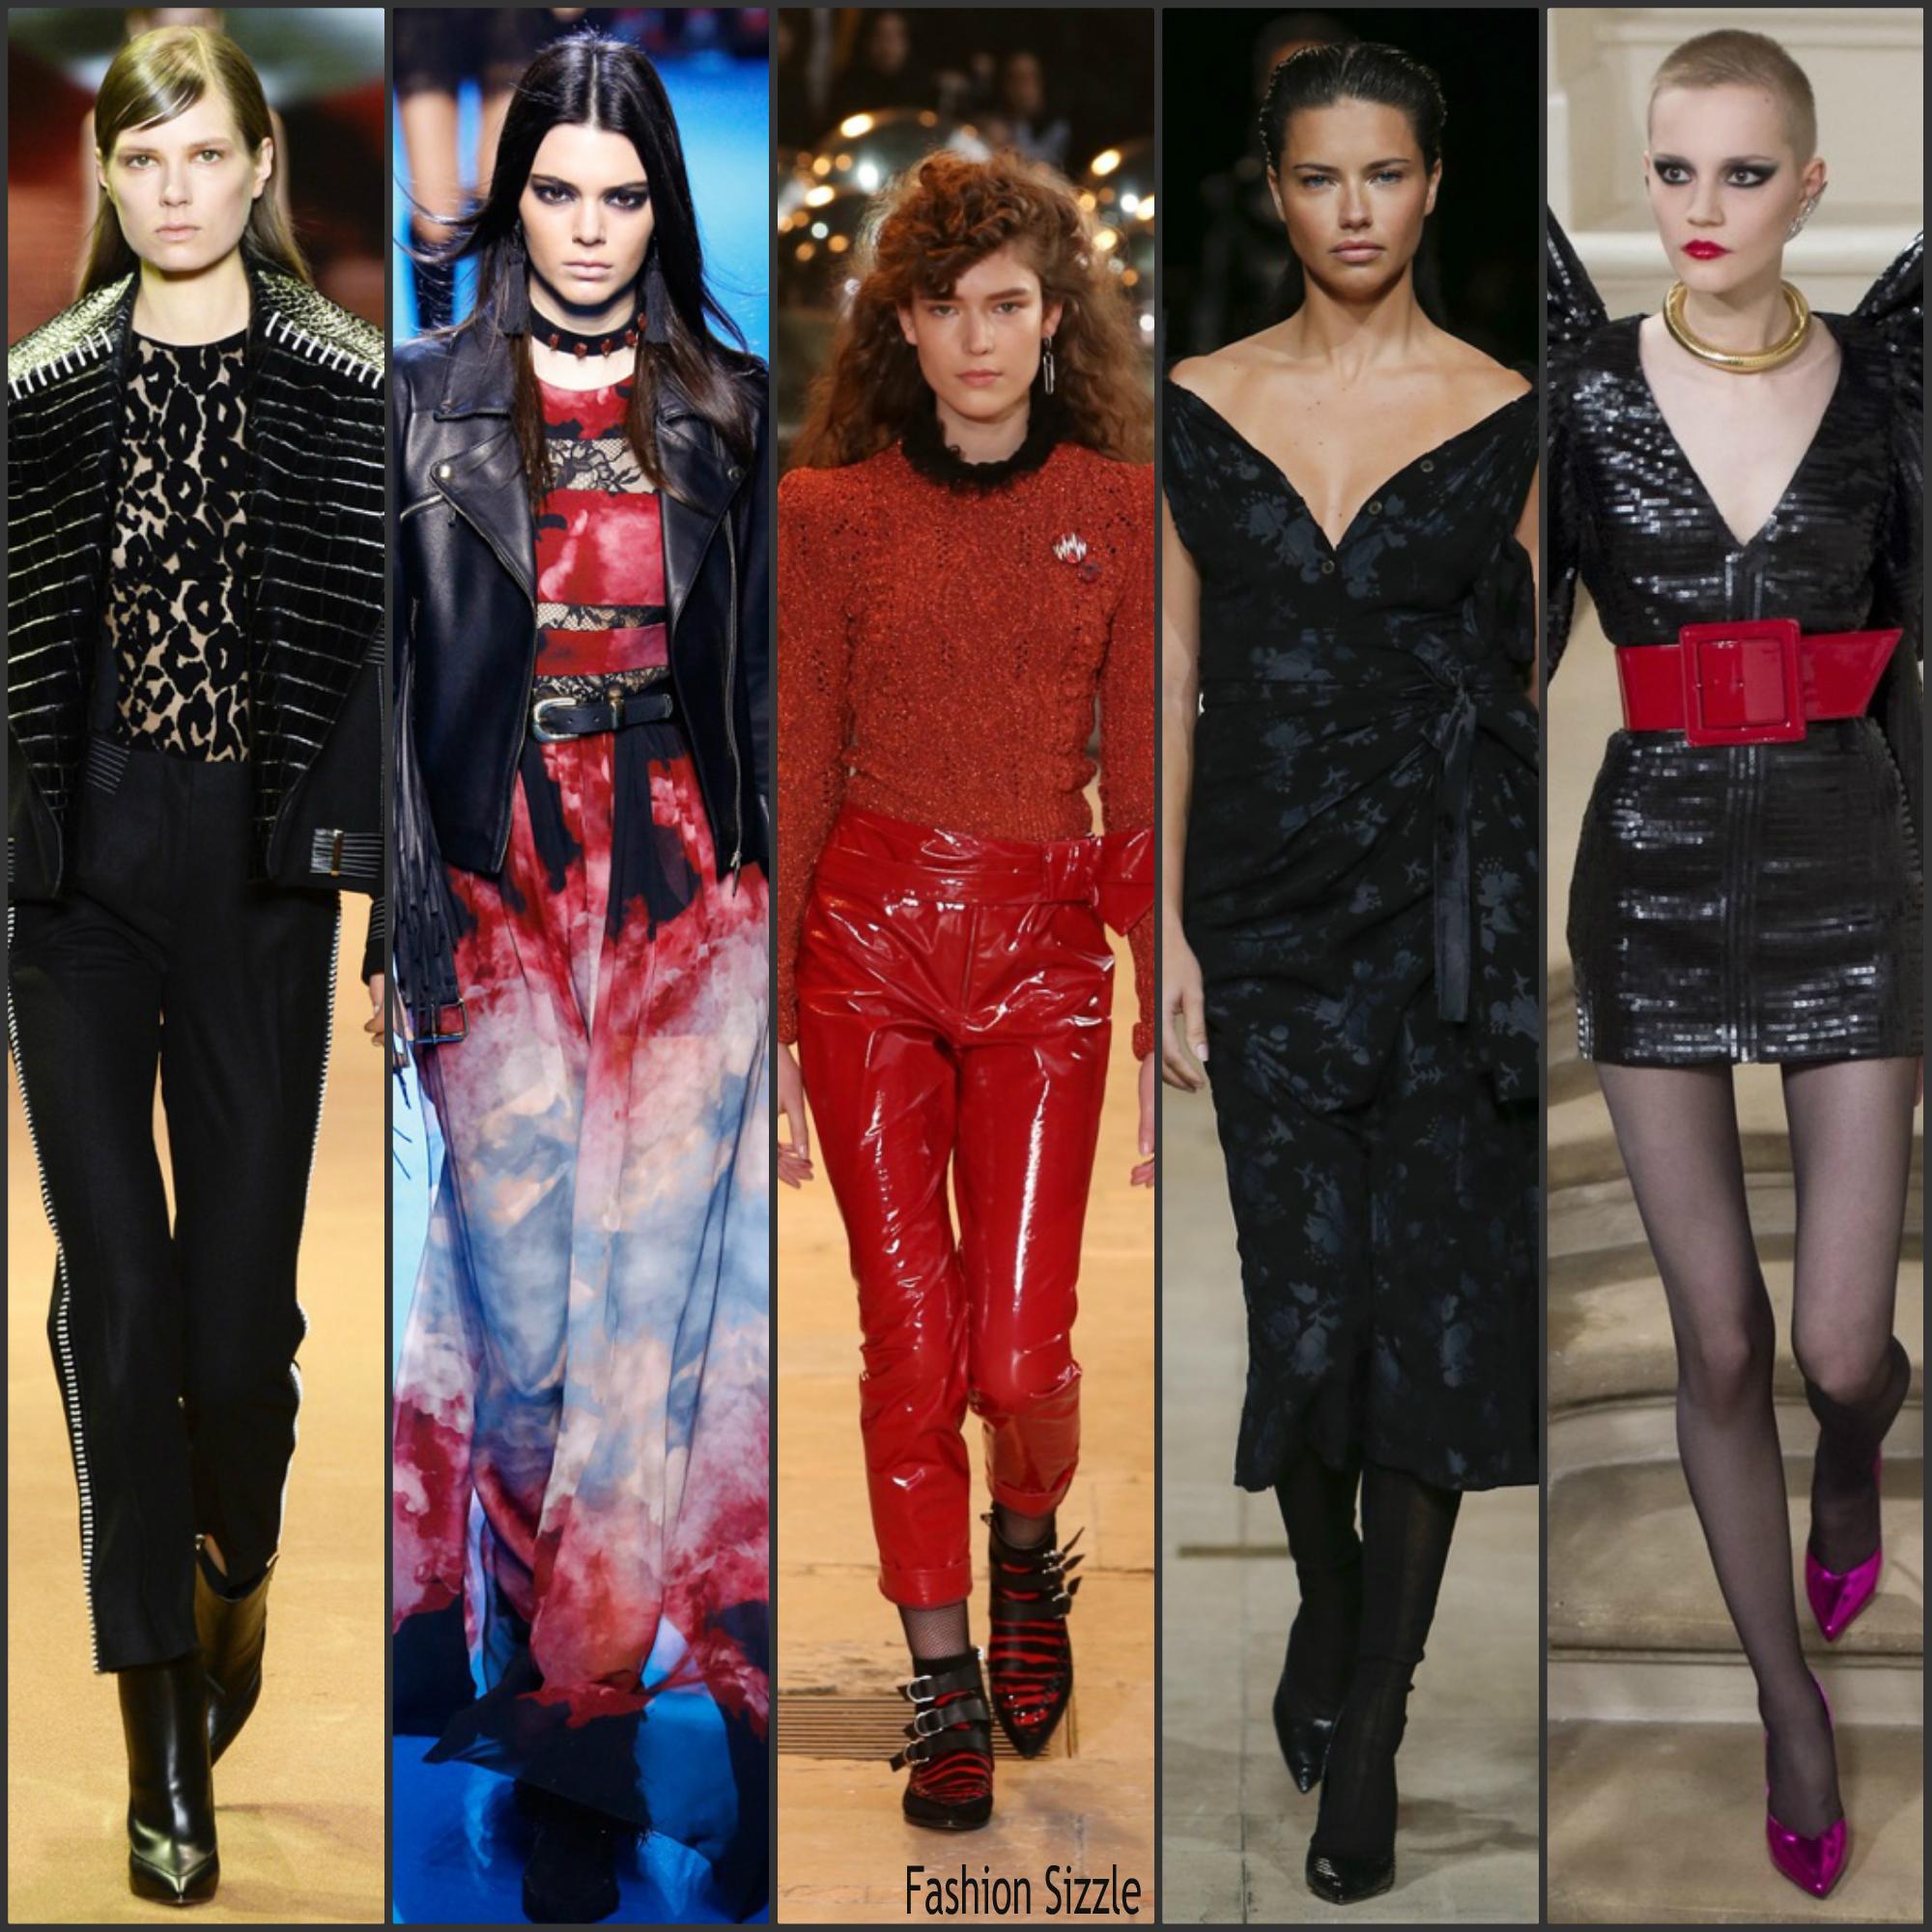 fashion-trends-at-paris-fashionweek-fall-2016